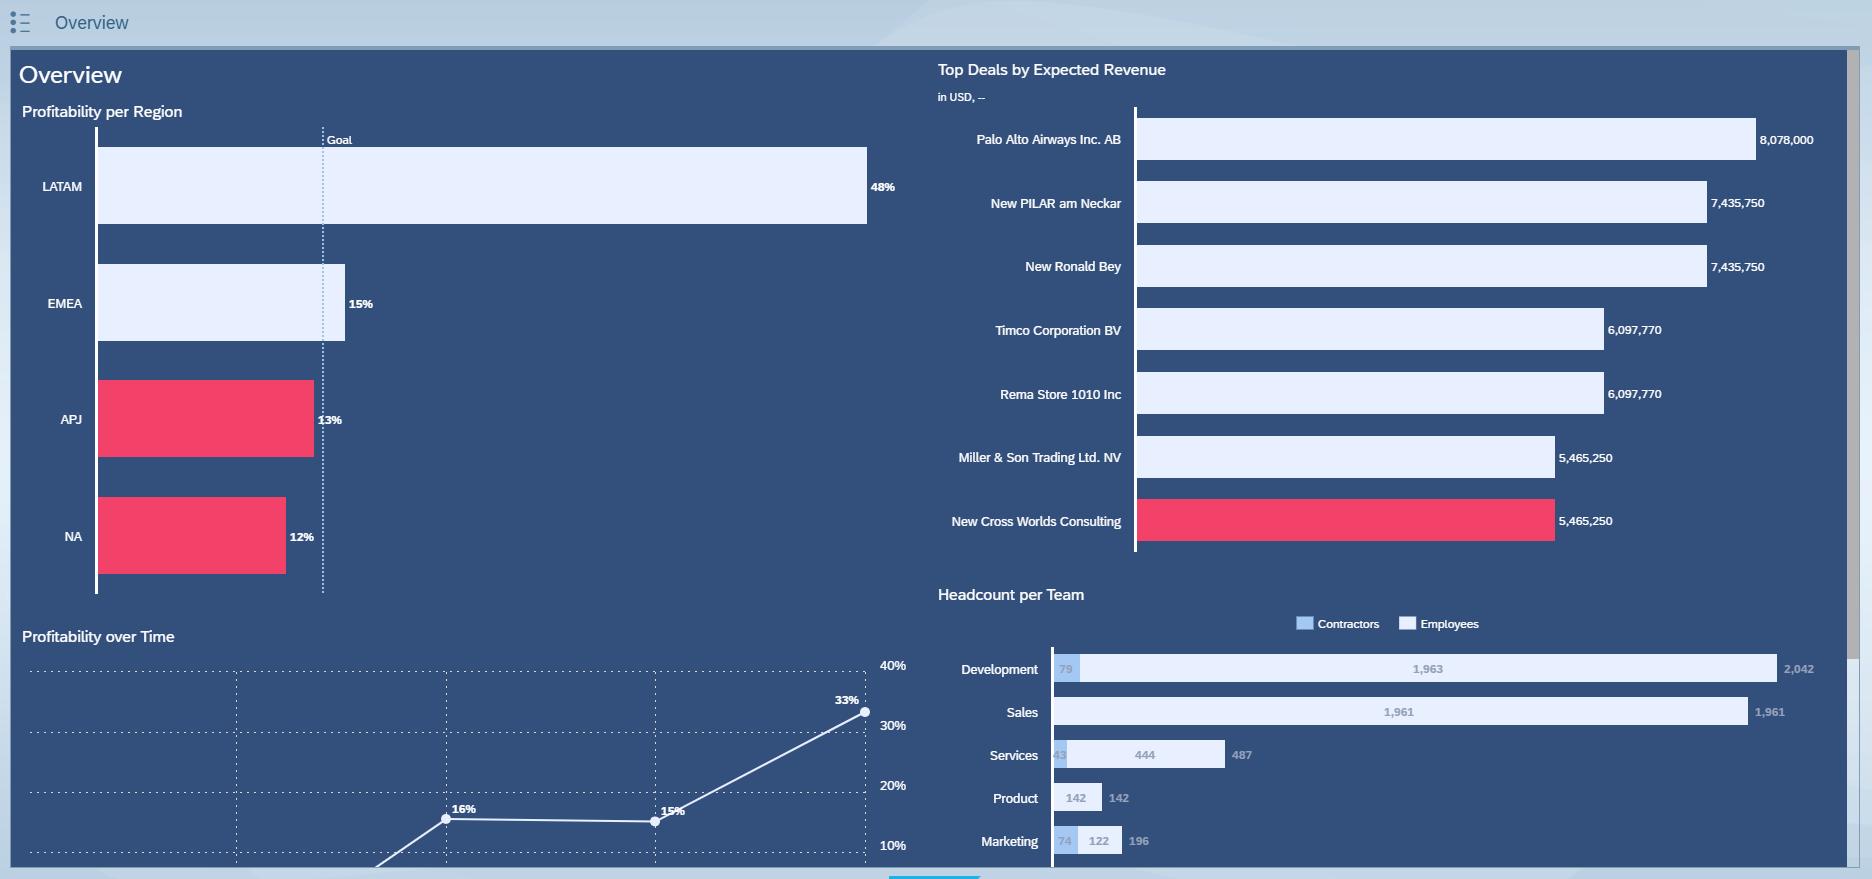 SAP AnalyticsCloud - Das Bild stellt beispielhaft eine einzelne Seite eines Digitalboardrooms in der SAC dar: Barchart Produktivitöt, Barchart Revenue, Barchart Headcount und Zeitreihe der Produktivität.